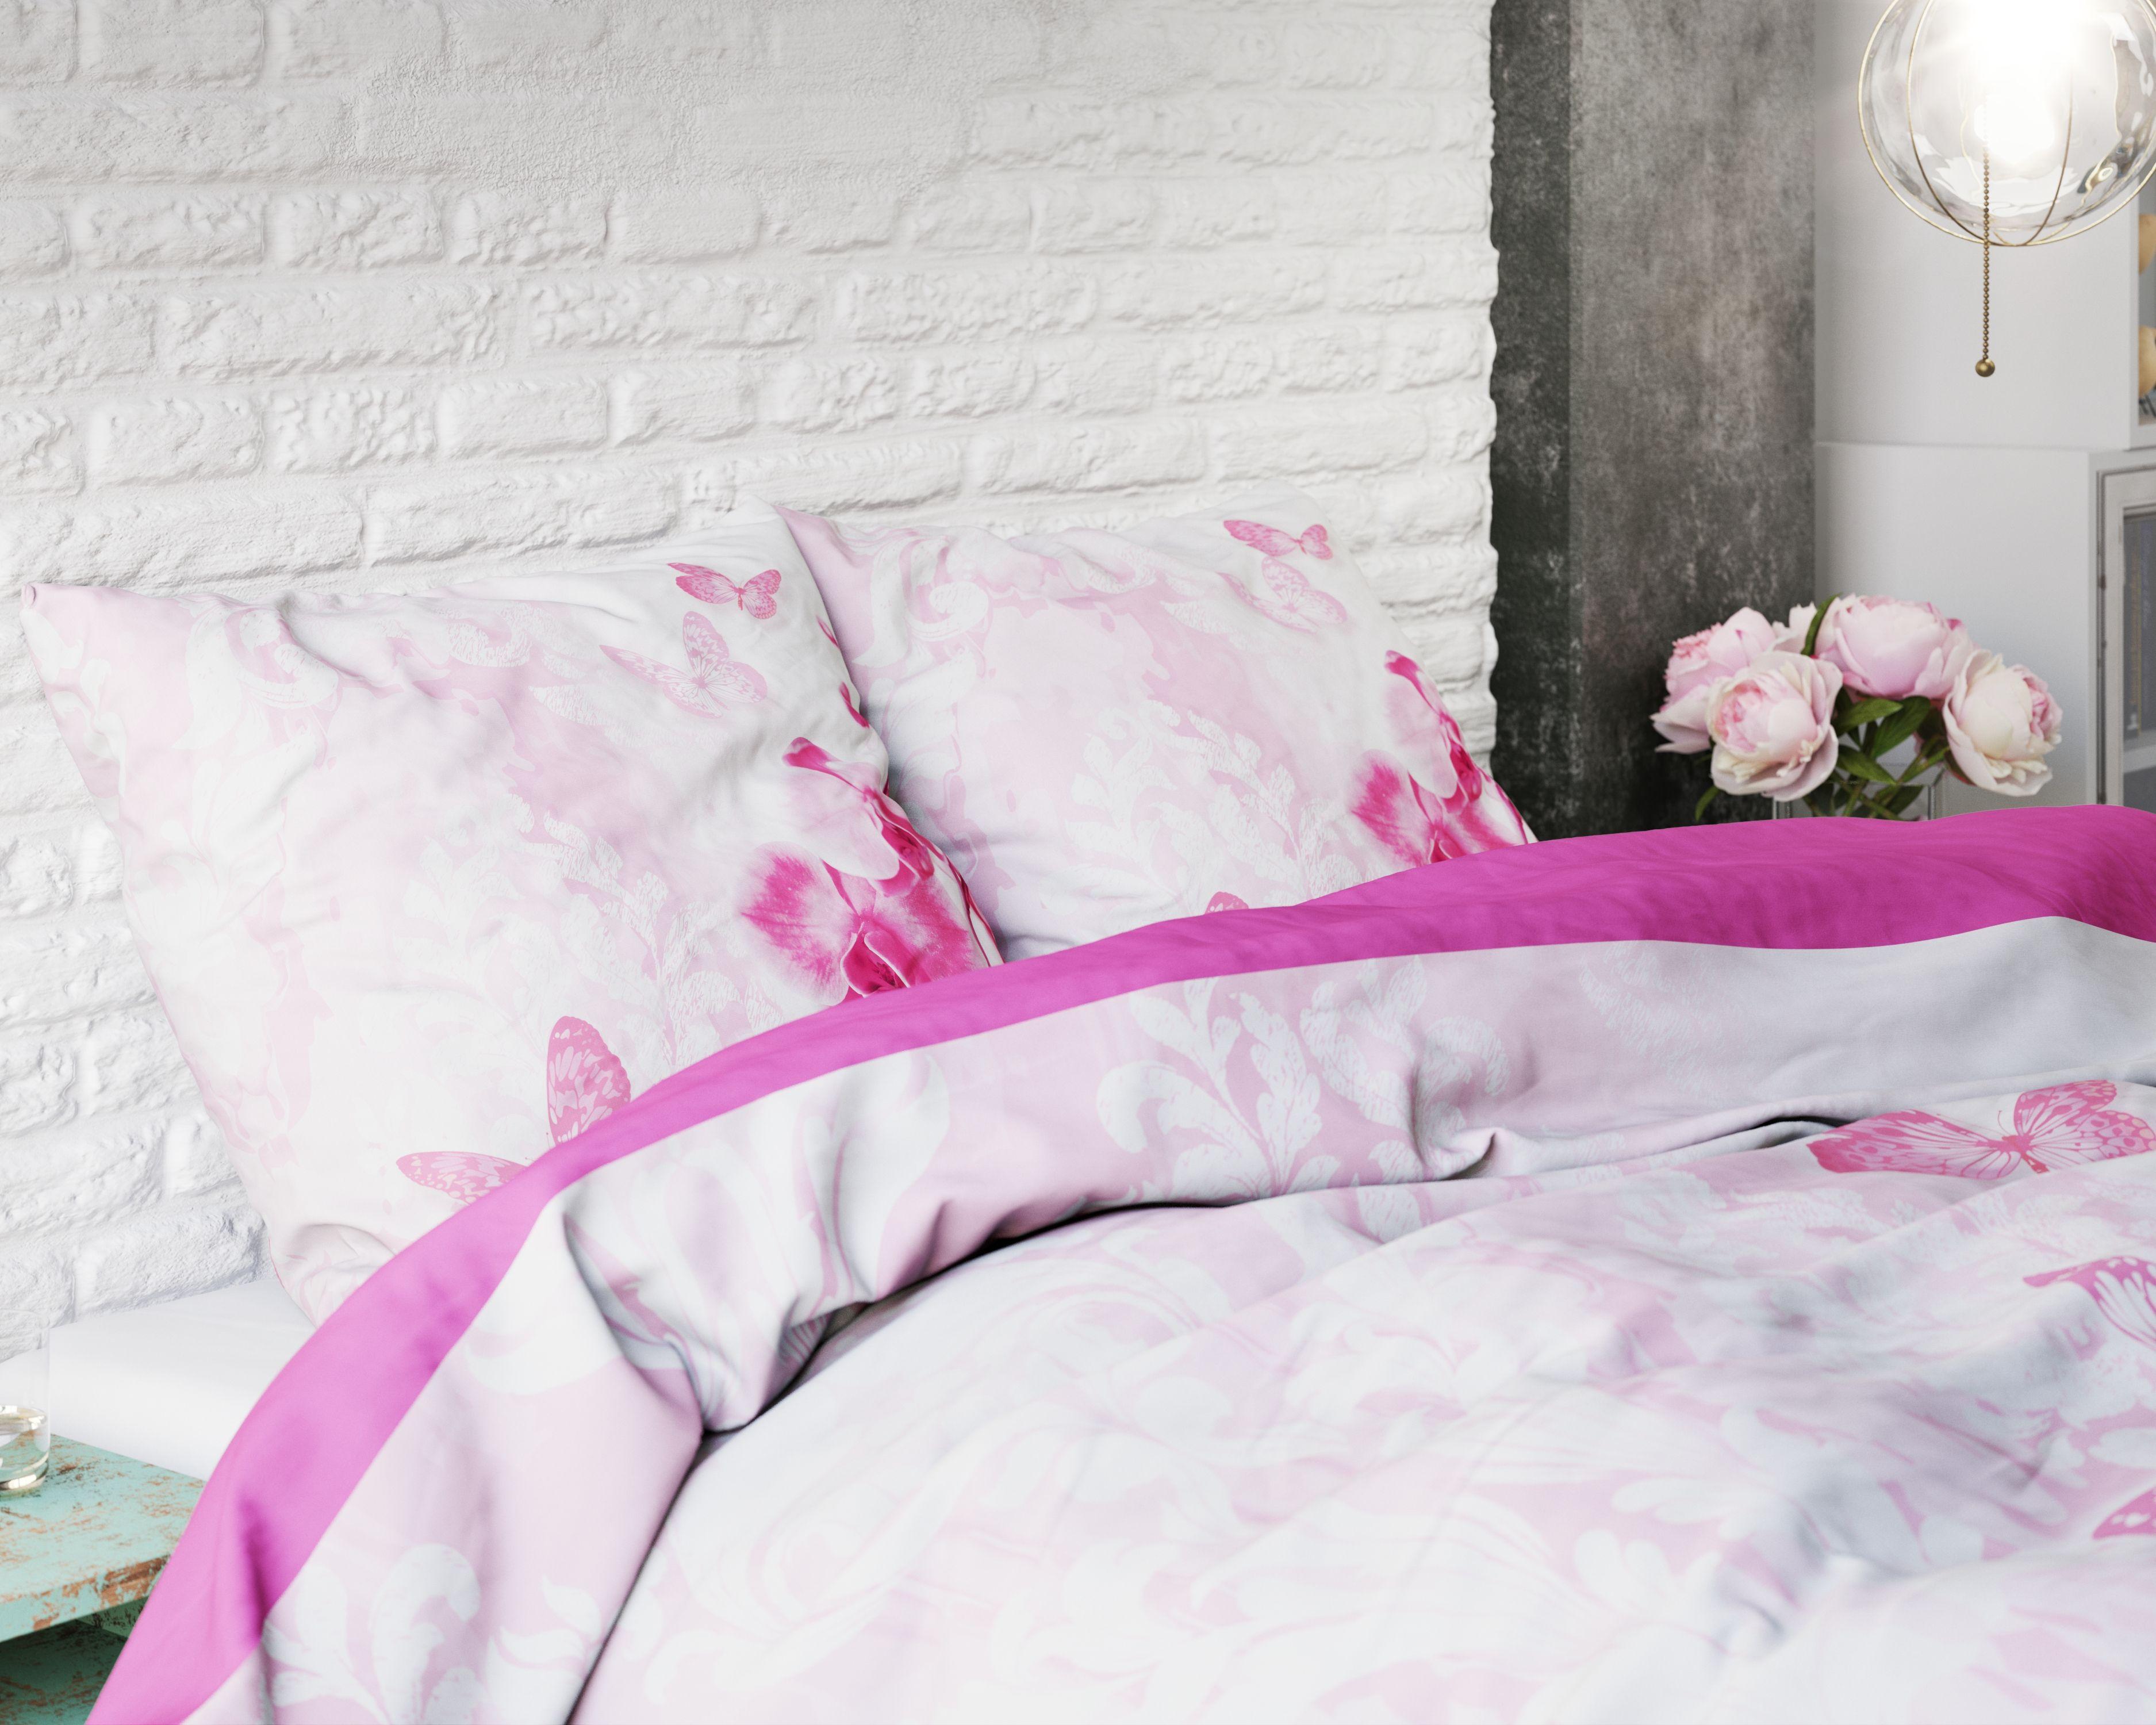 Licht Roze Dekbedovertrek : Het dekbedovertrek dream orchid van sleeptime heeft als basis